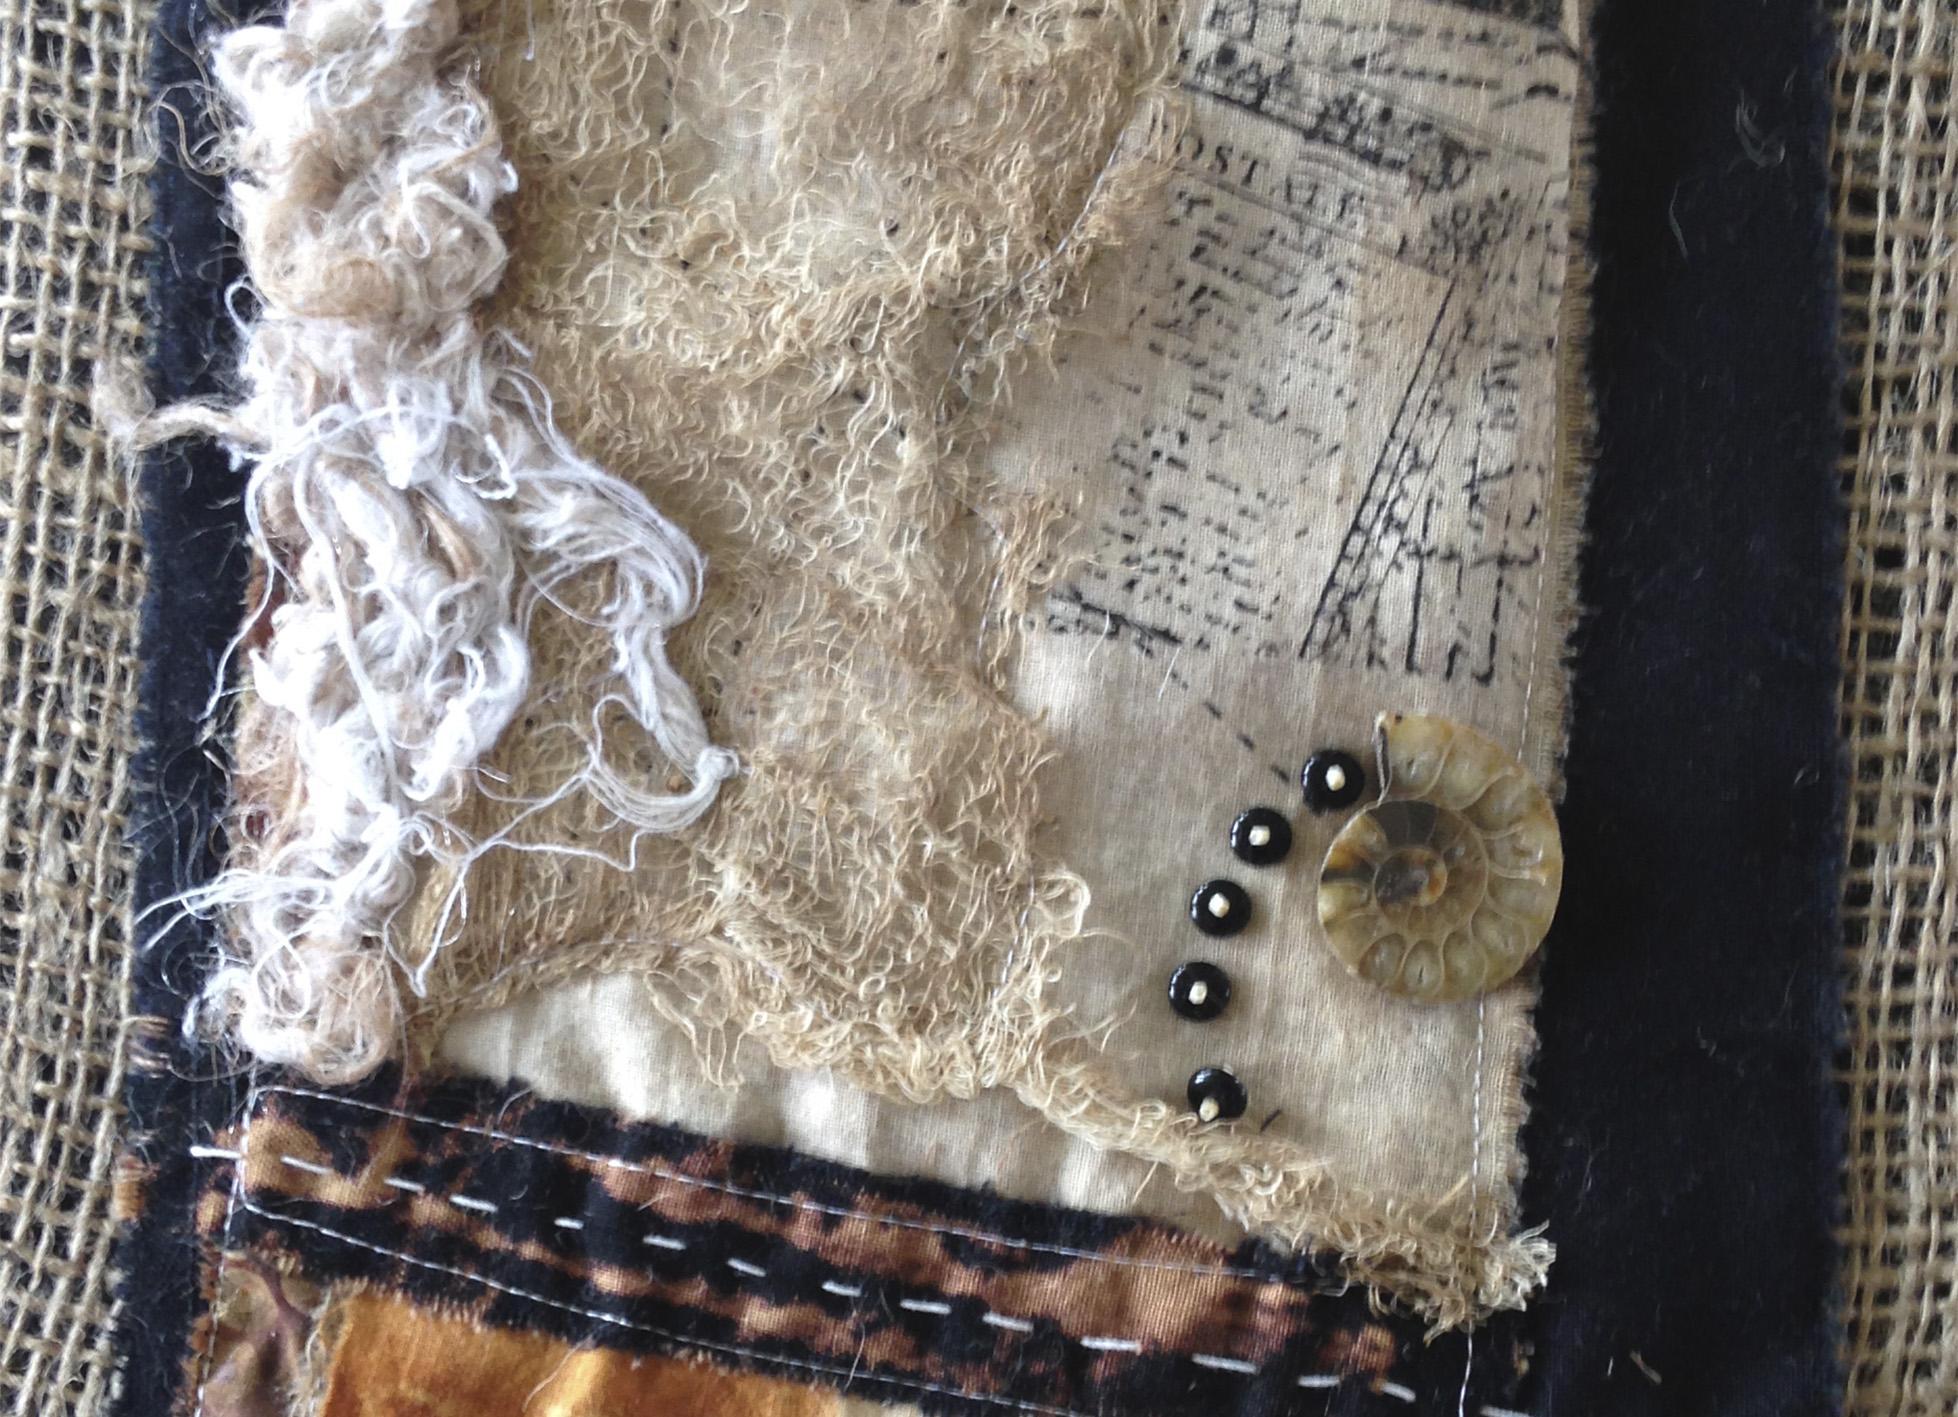 Detail of fiber art